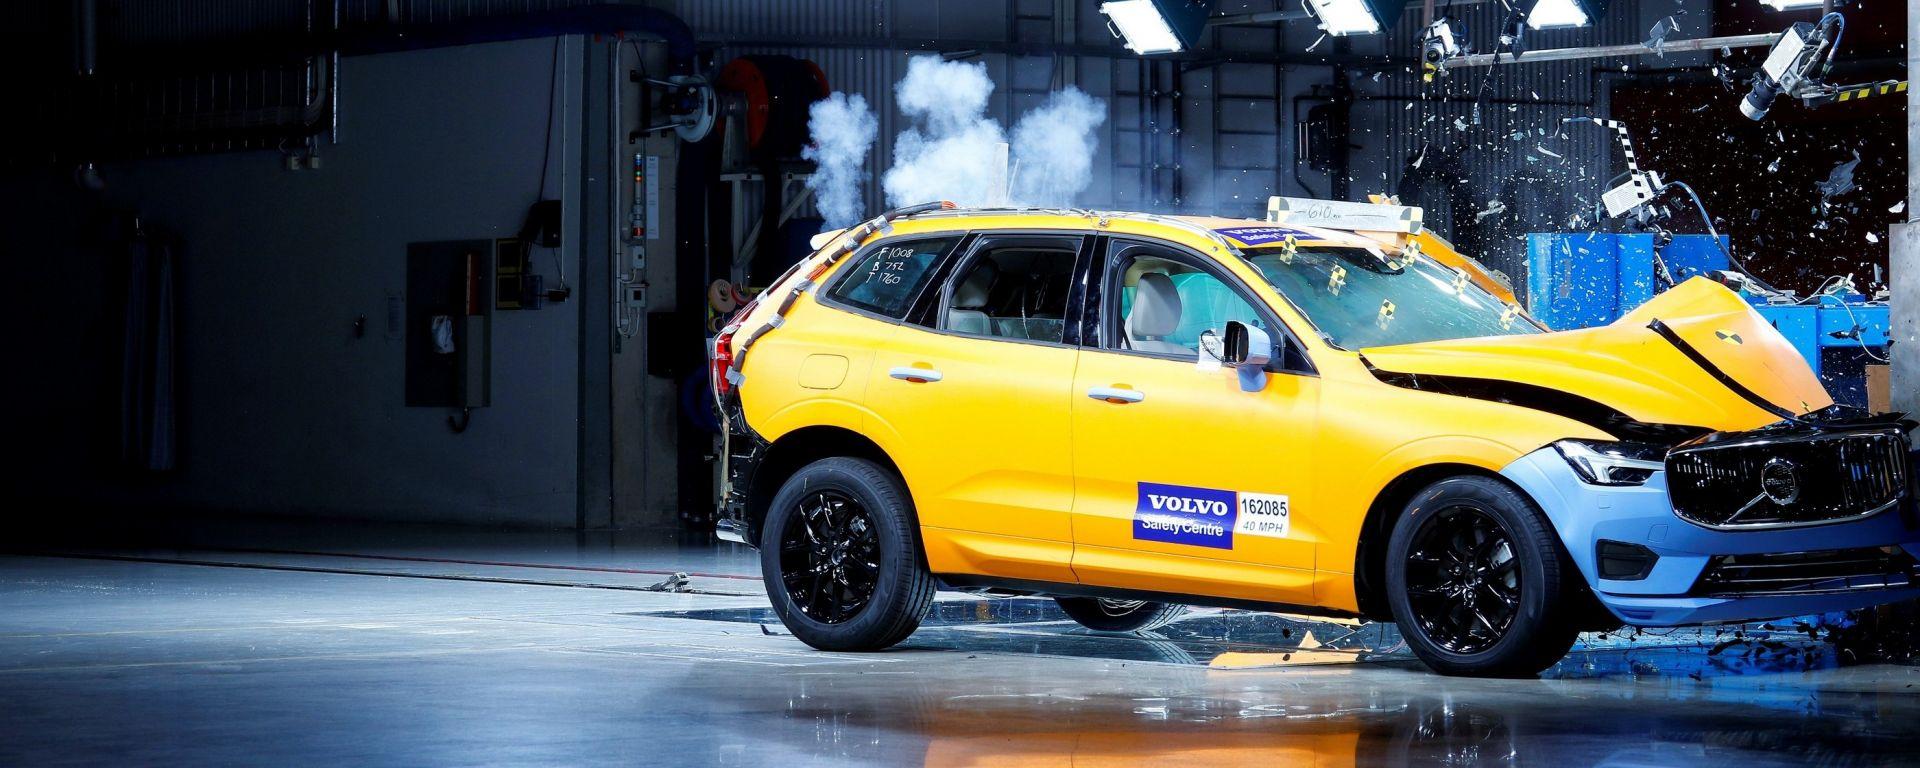 Volvo XC60: secondo i test Euro Ncap è l'auto più sicura del 2017